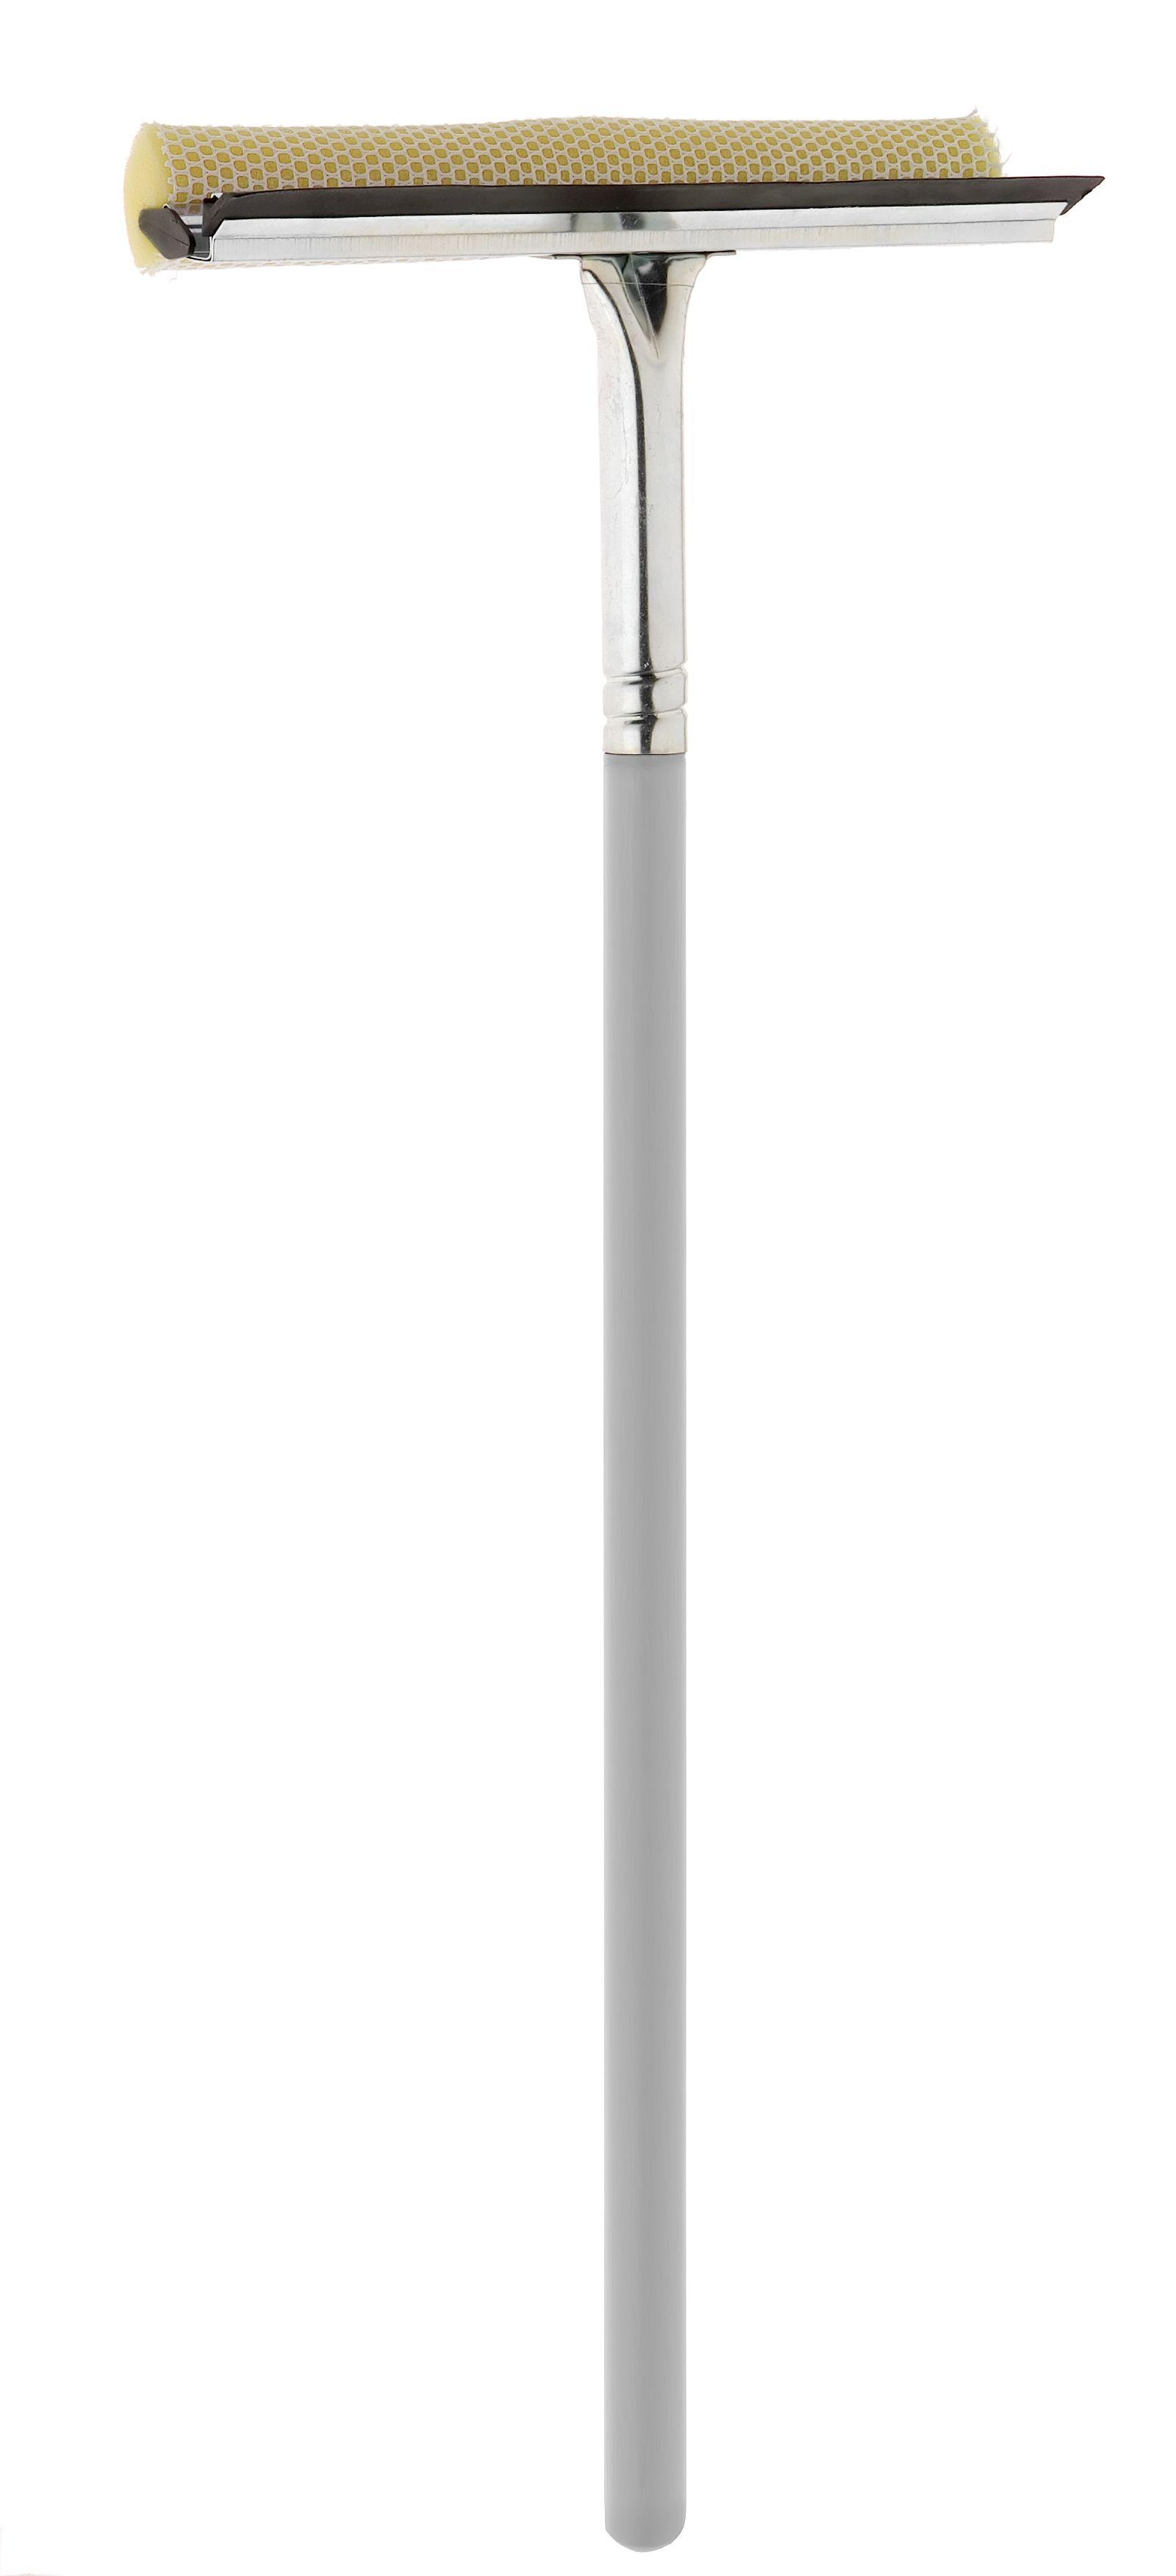 Стеклоочиститель Apex Mosquito, длина рукоятки 60 см531-402Стеклоочиститель Apex Mosquito с мягкой губкой и кромкой из резины станет незаменимым помощником при уборке. Удобная рукоятка выполнена из дерева. Рукоятку при необходимости можно открутить. Оригинальный, современный и удобный стеклоочиститель сделает уборку эффективнее и приятнее. Размер рабочей поверхности: 25 см х 6 см х 4 см.Длина рукоятки: 60 см.